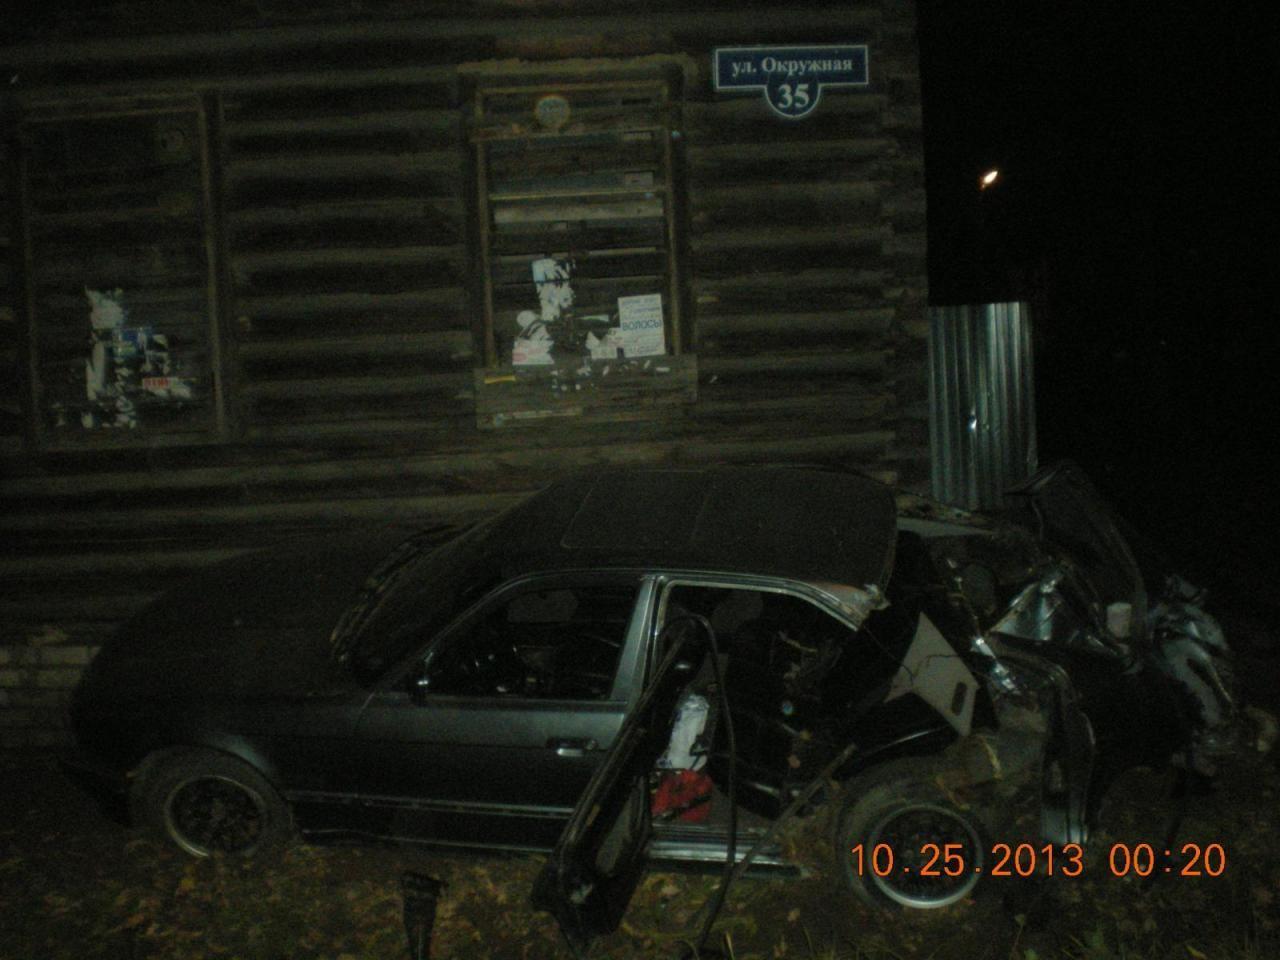 В Ростове пьяный водитель без прав врезался в дом.